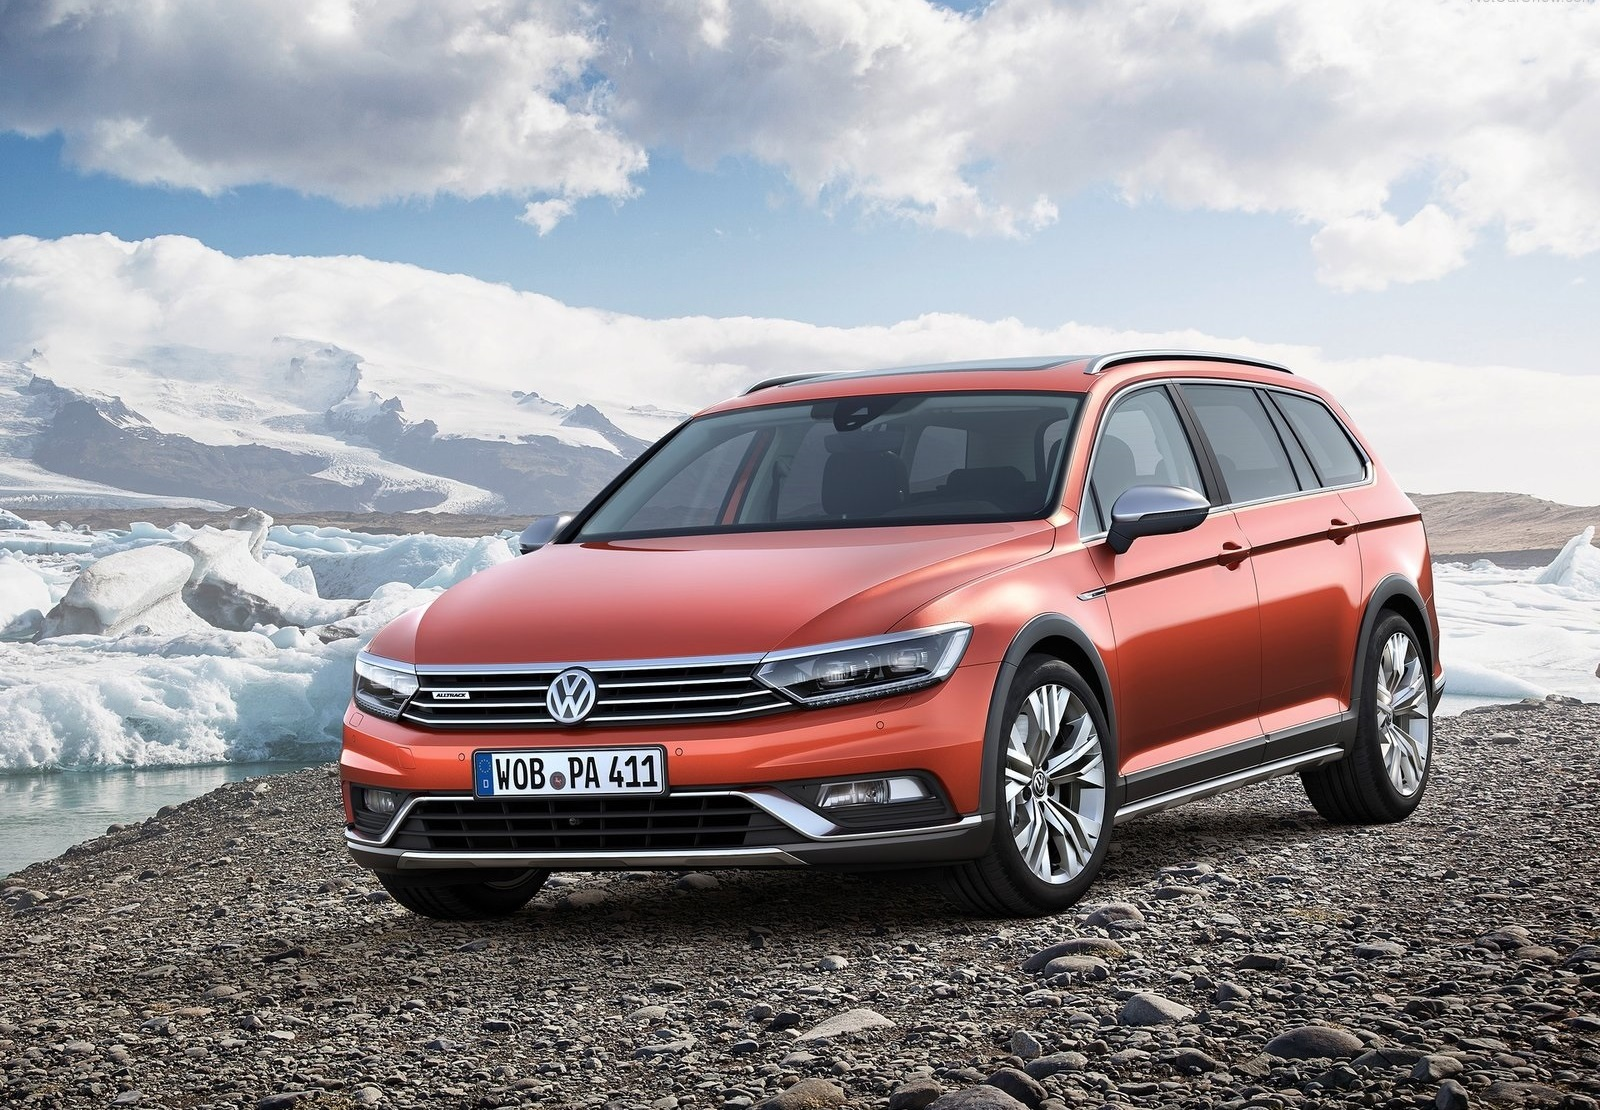 2016 Volkswagen Passat Alltrack Front Exterior Preview